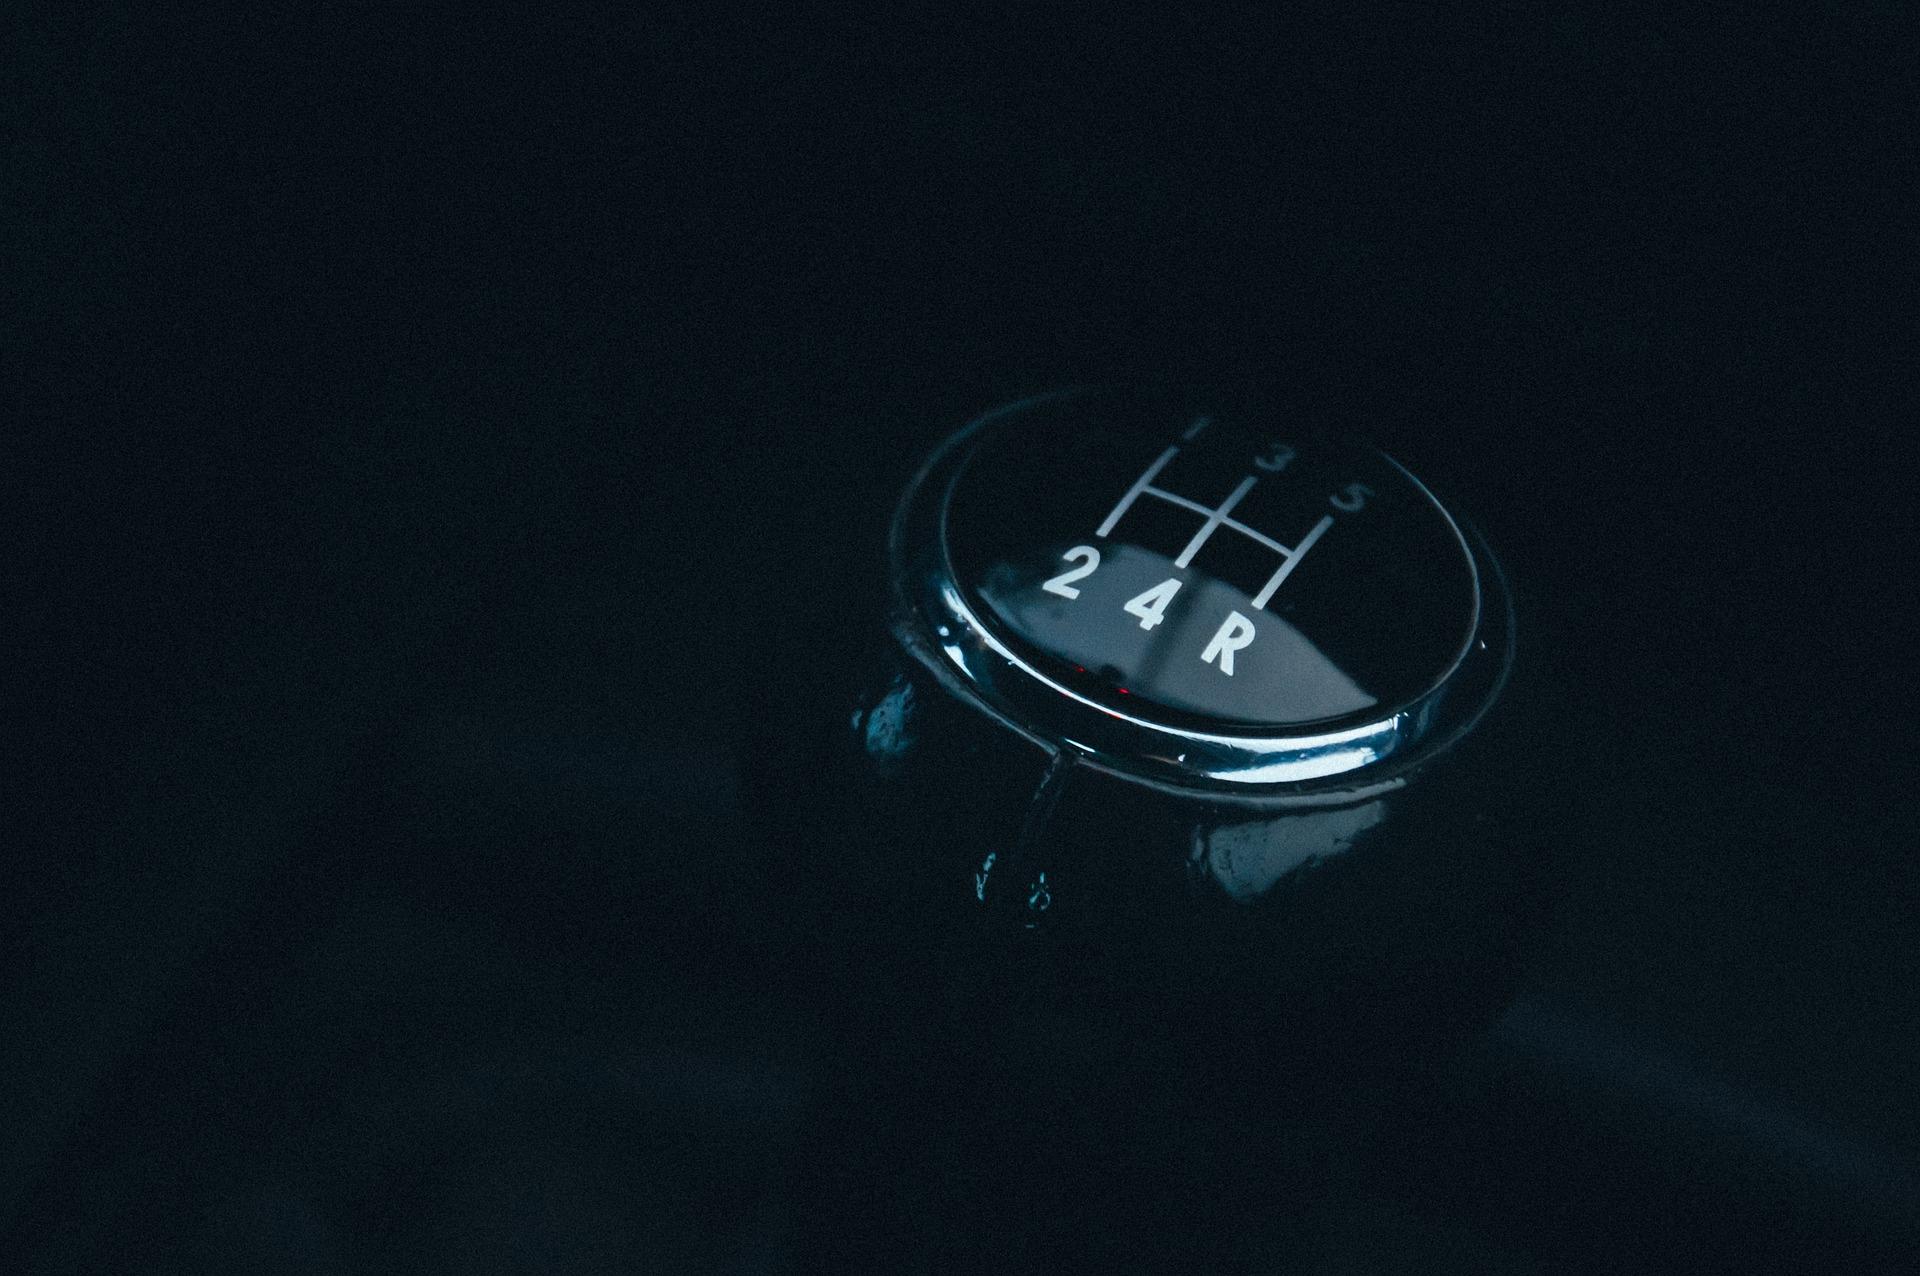 Ankauf PKW Getriebeschaden